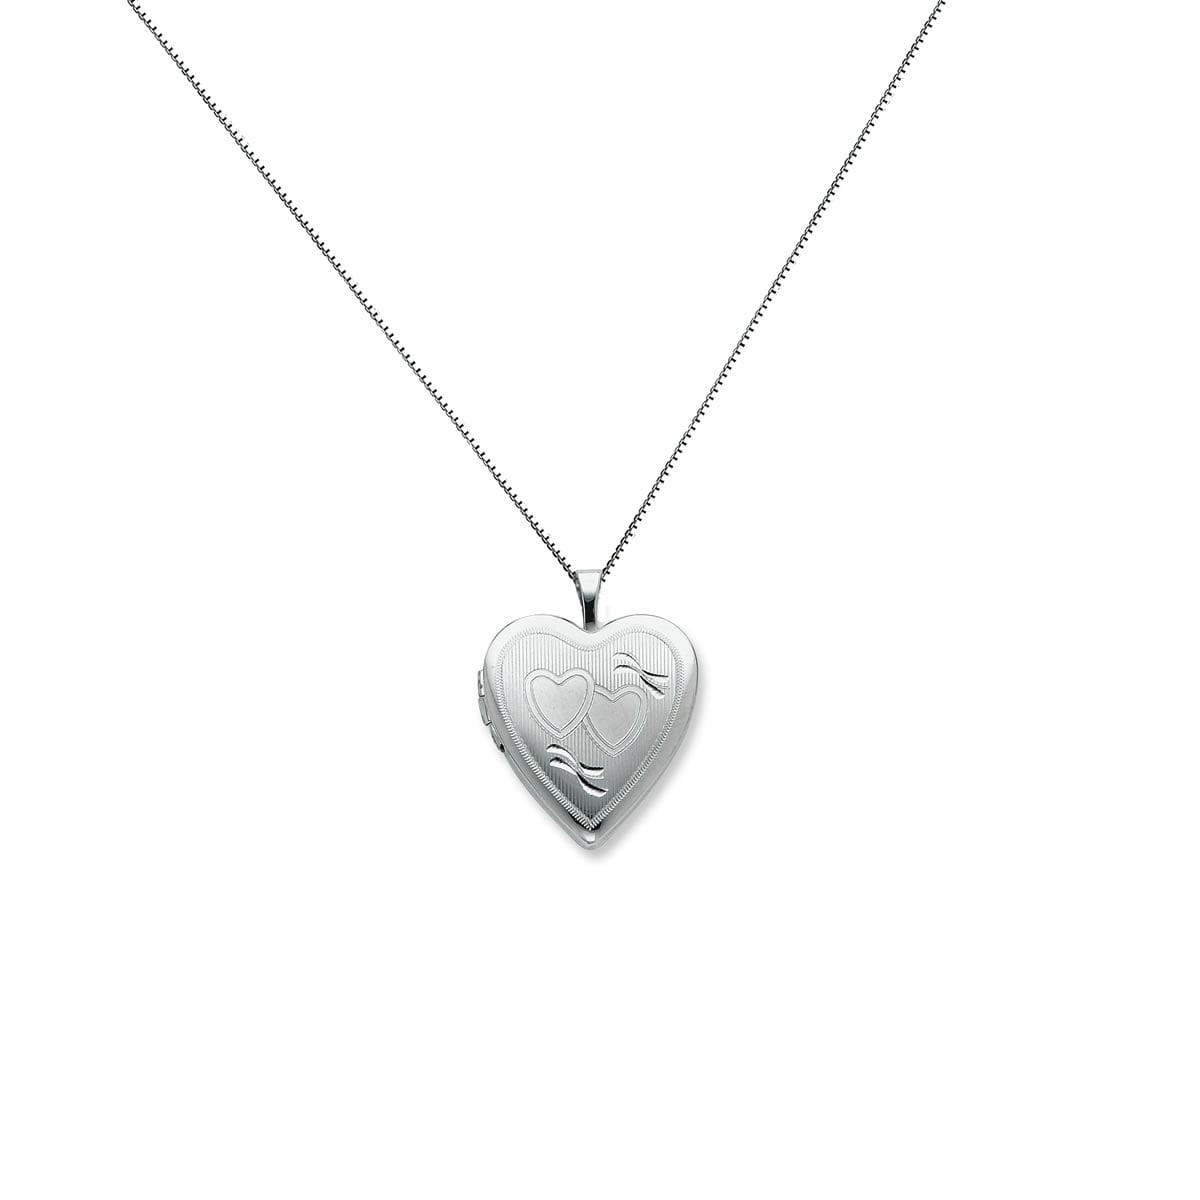 Sterling Silver 20mm Double Hearts Heart Locket